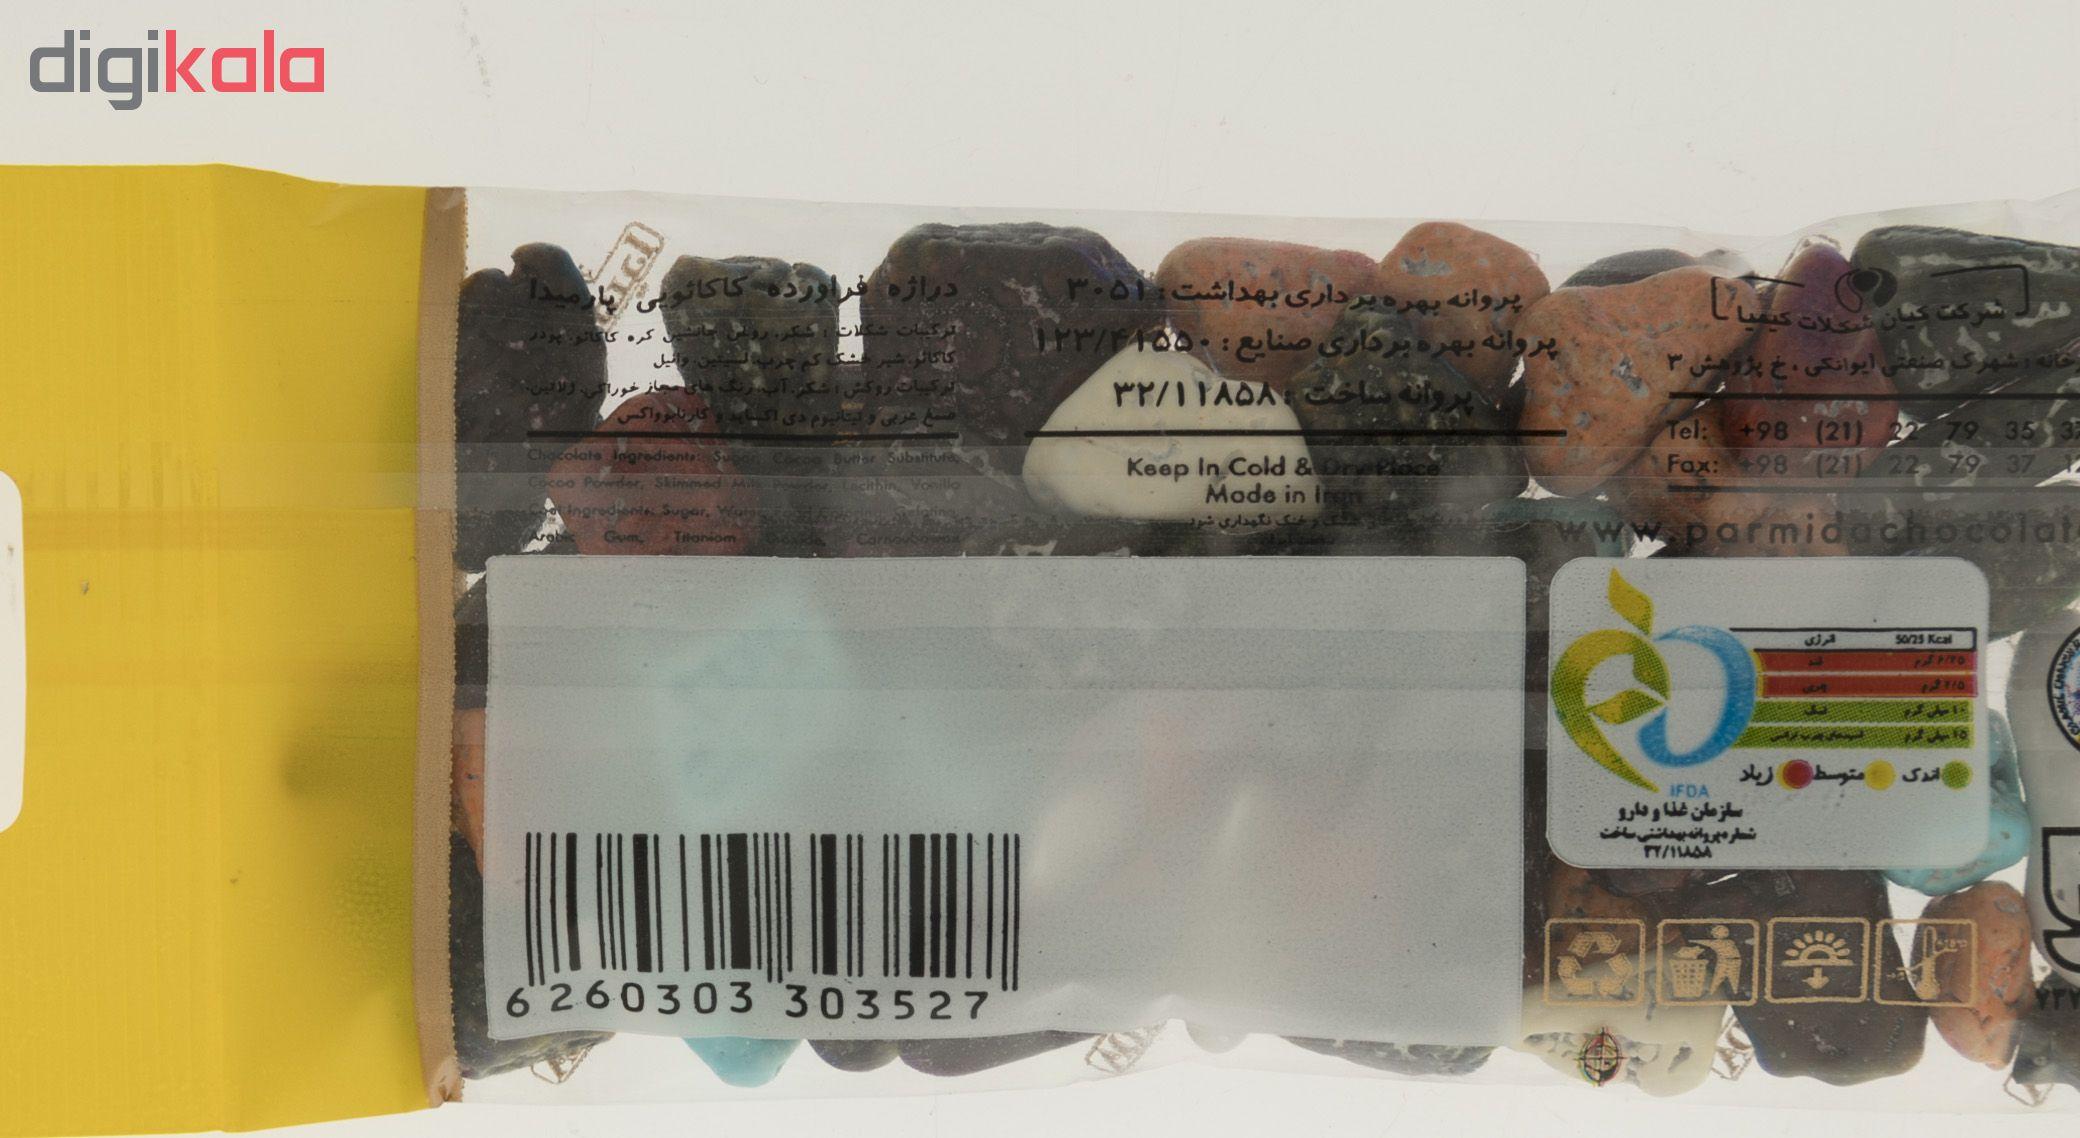 دراژه کاکائویی پارمیدا وزن 65 گرم main 1 2